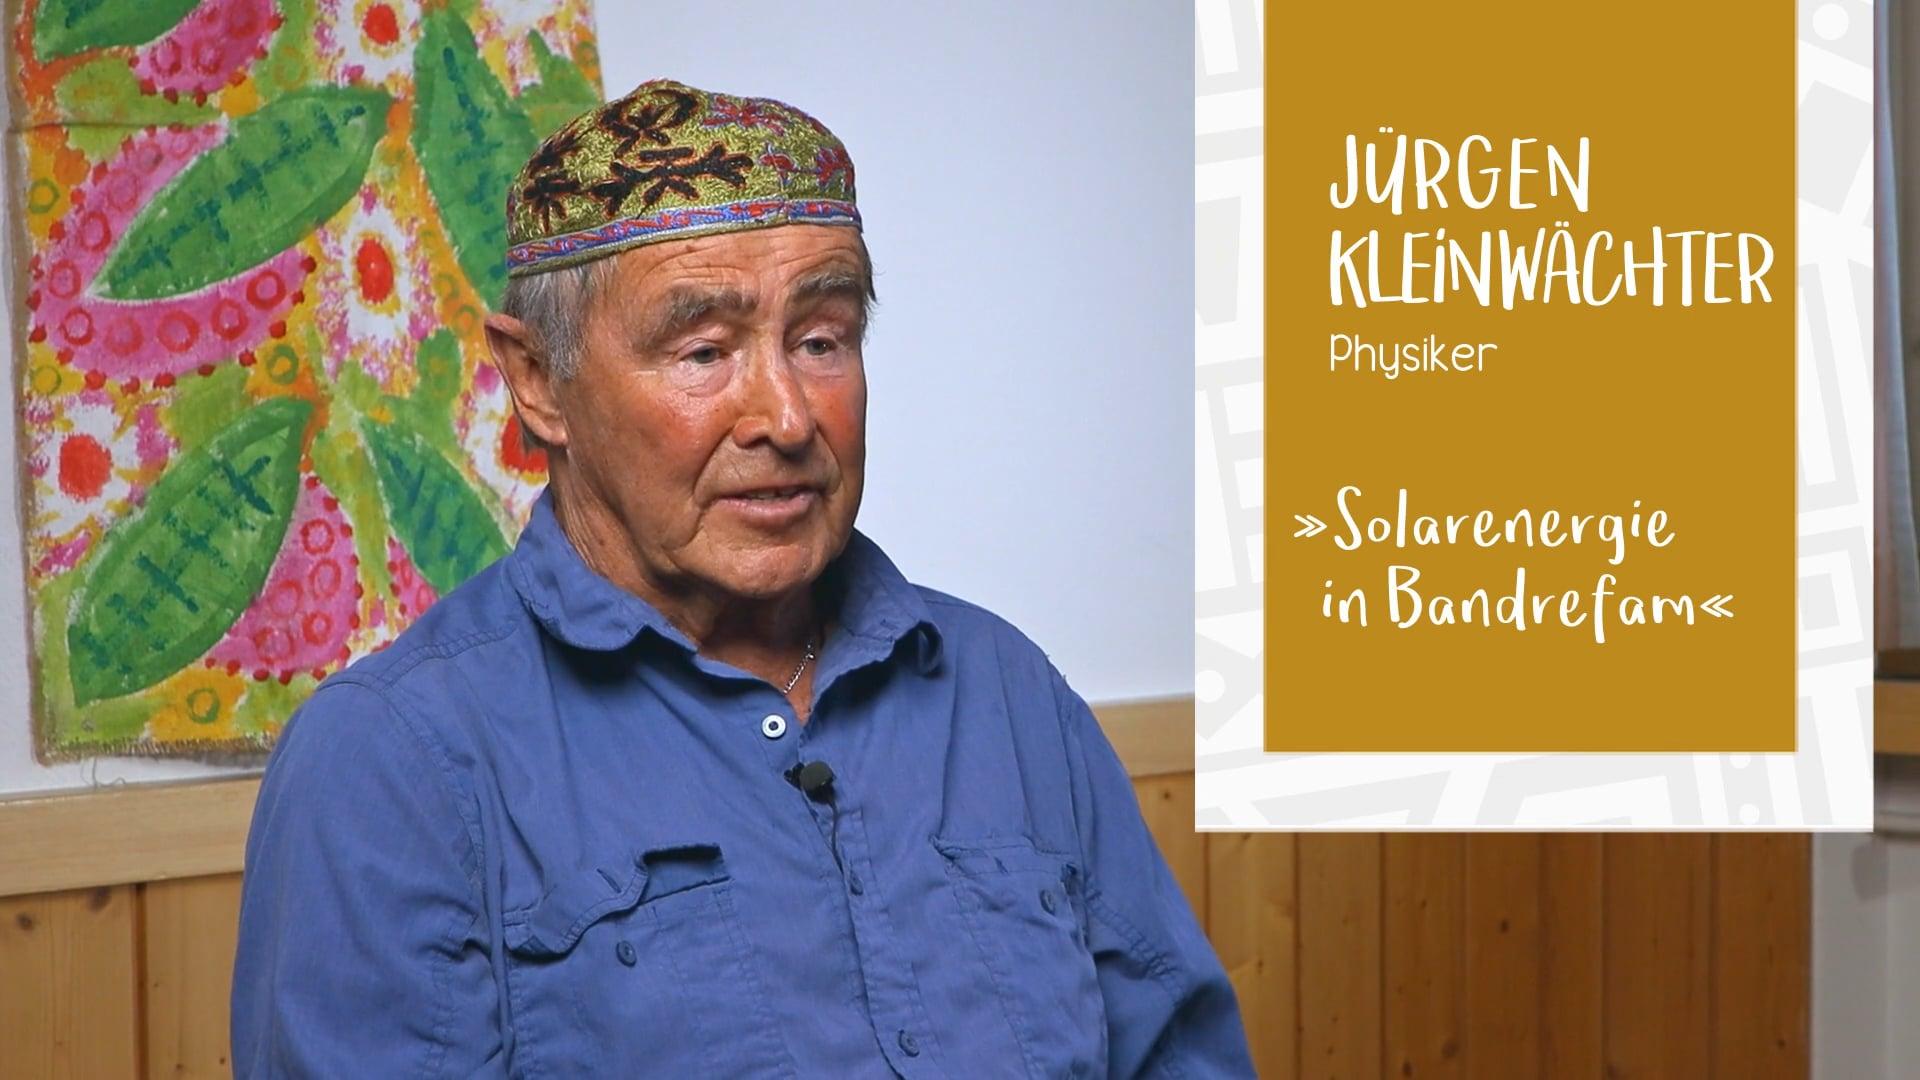 Jürgen Kleinwächter – Solarenergie in Bandrefam